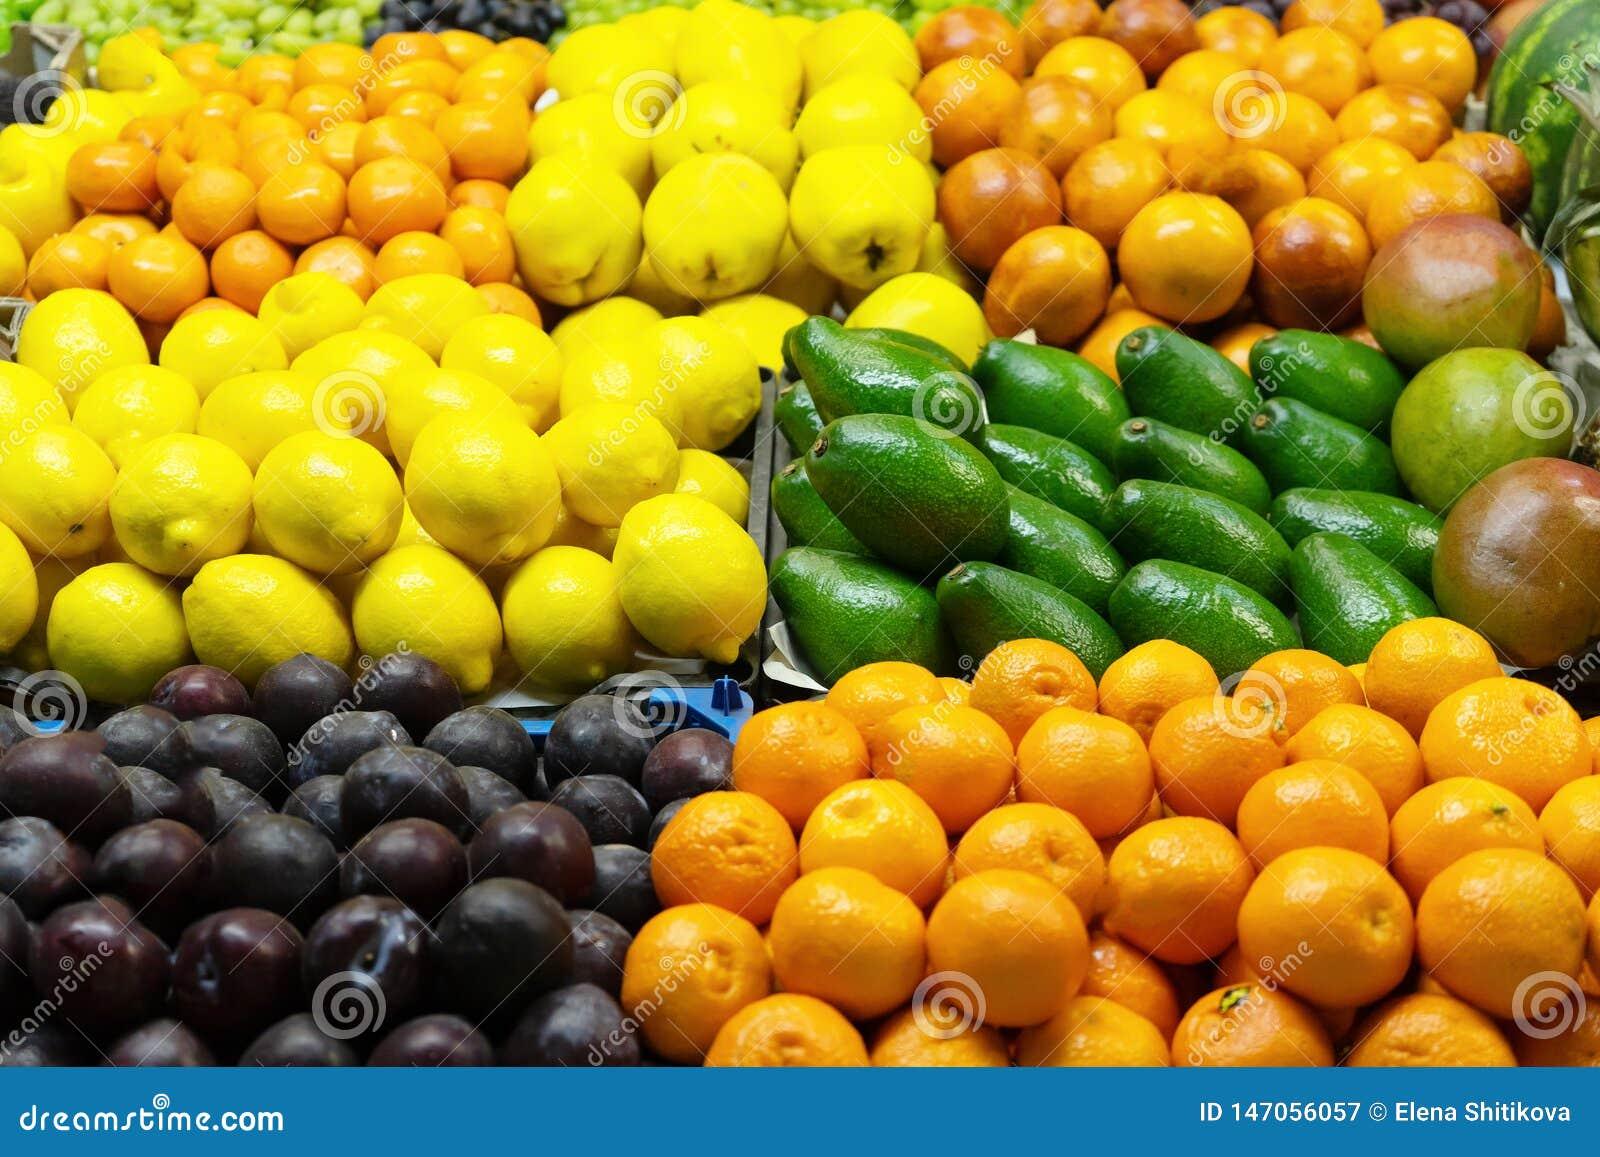 Frutas frescas mercado Close-up